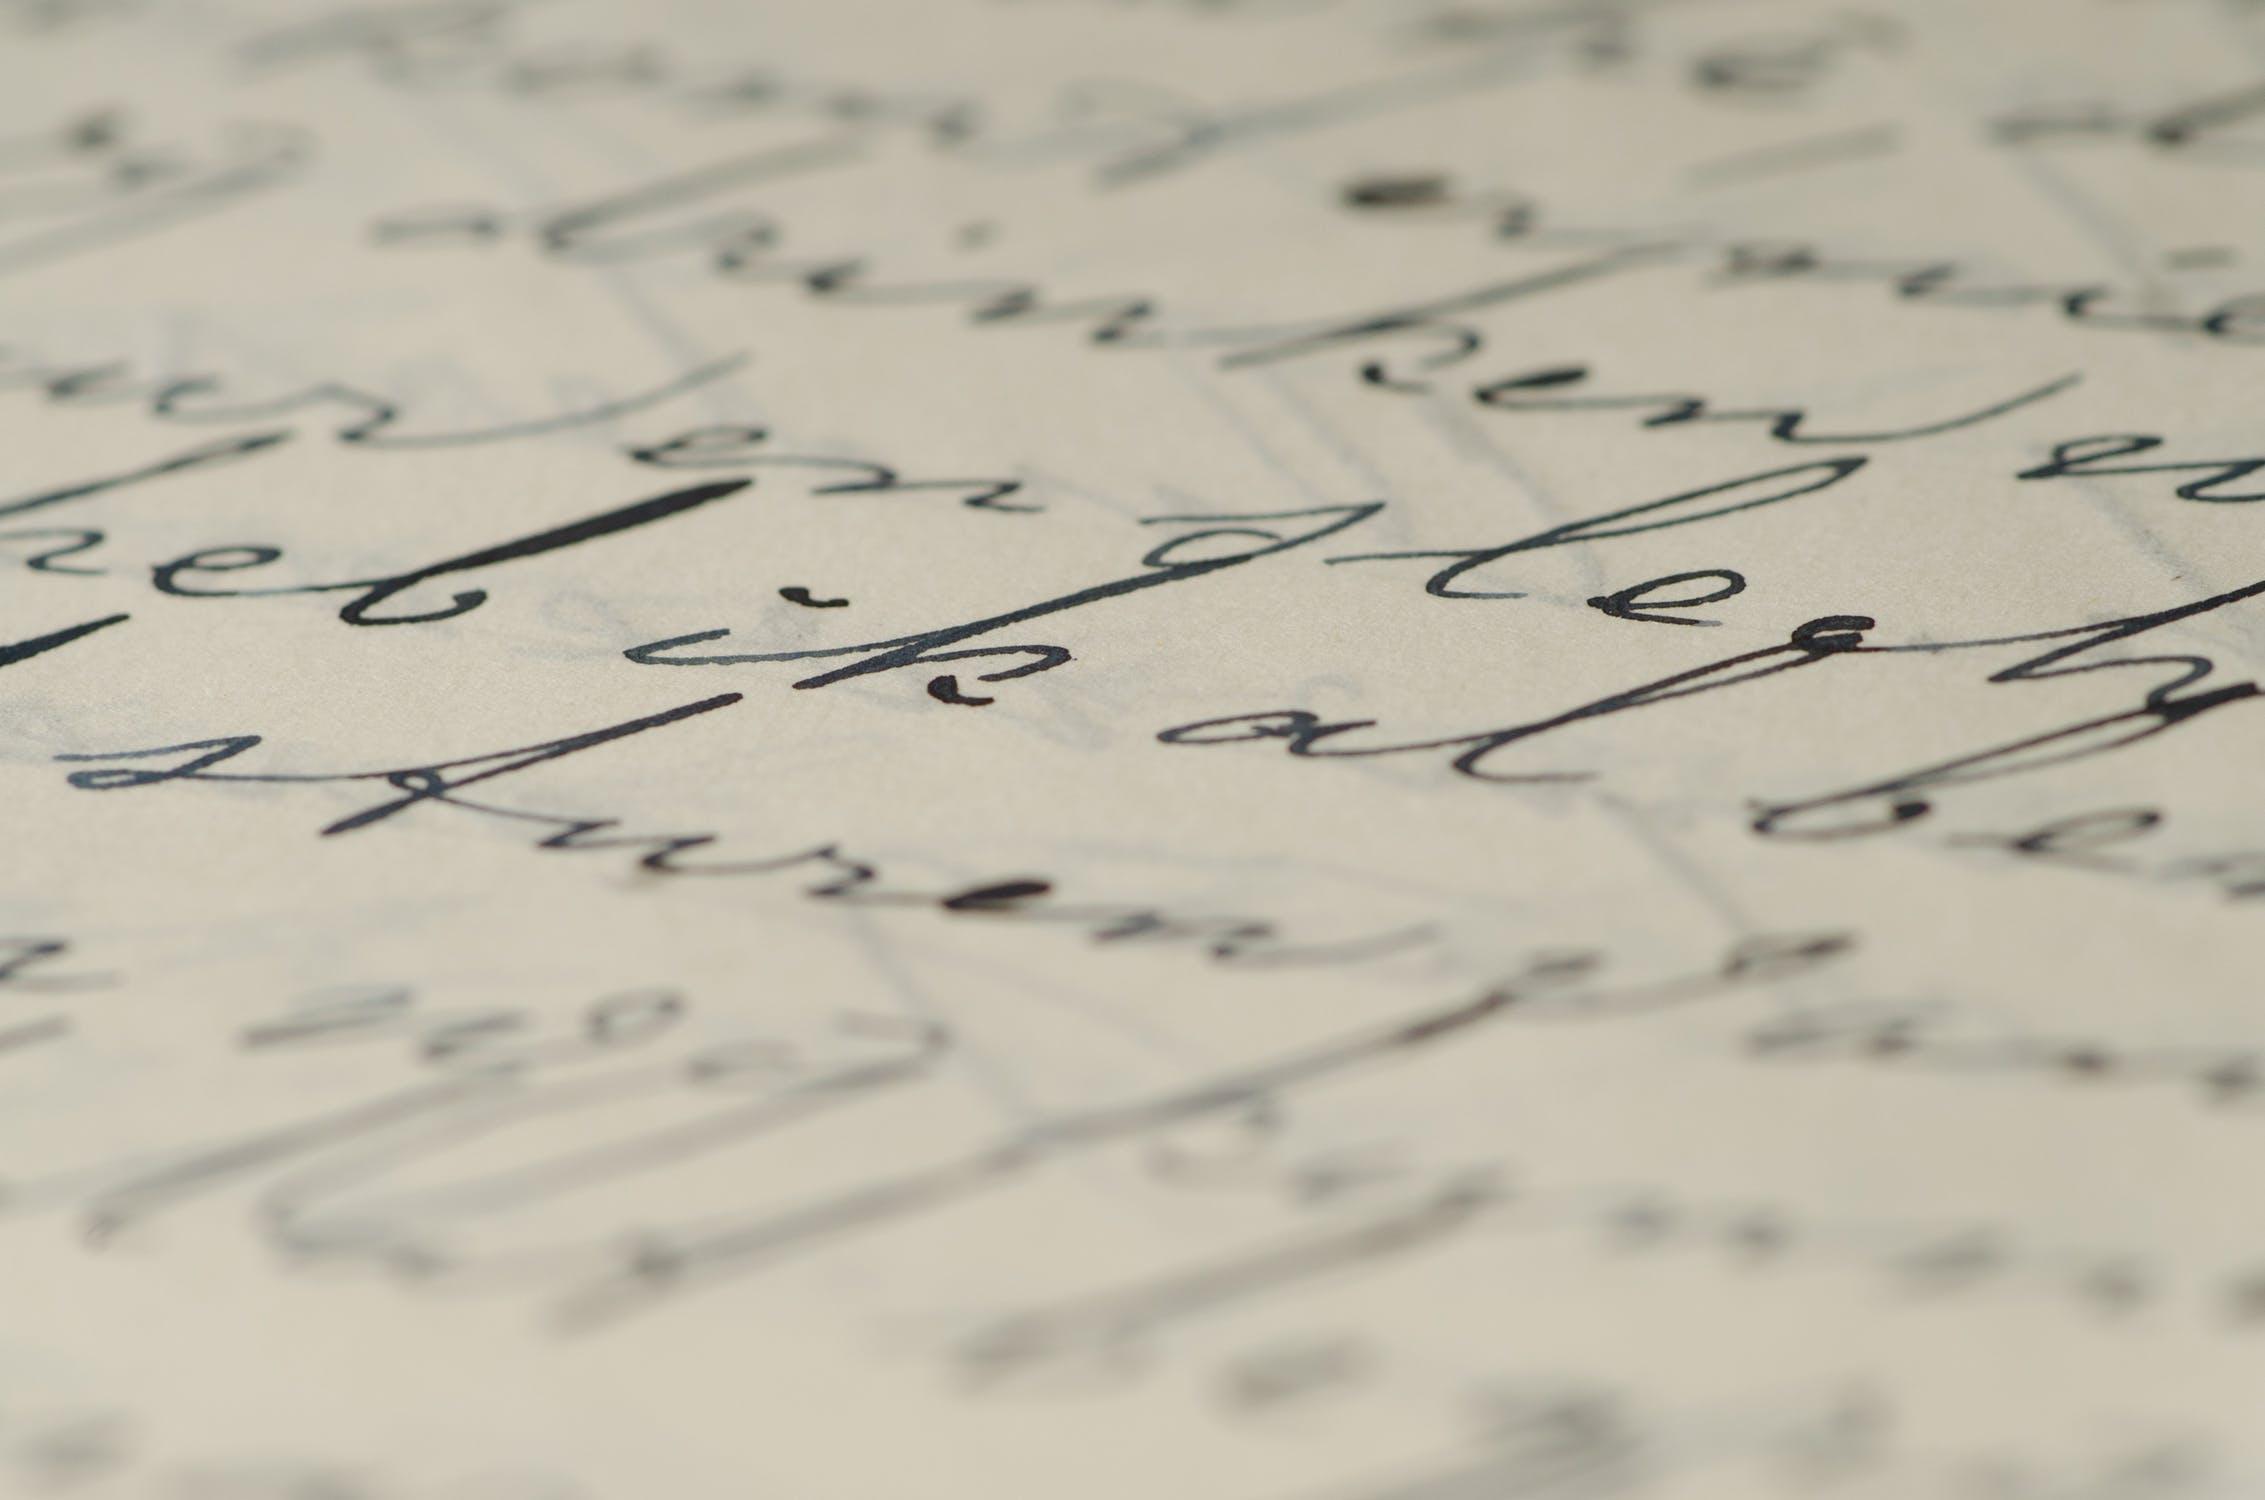 altmodische Schrift mit Tinte auf Papier